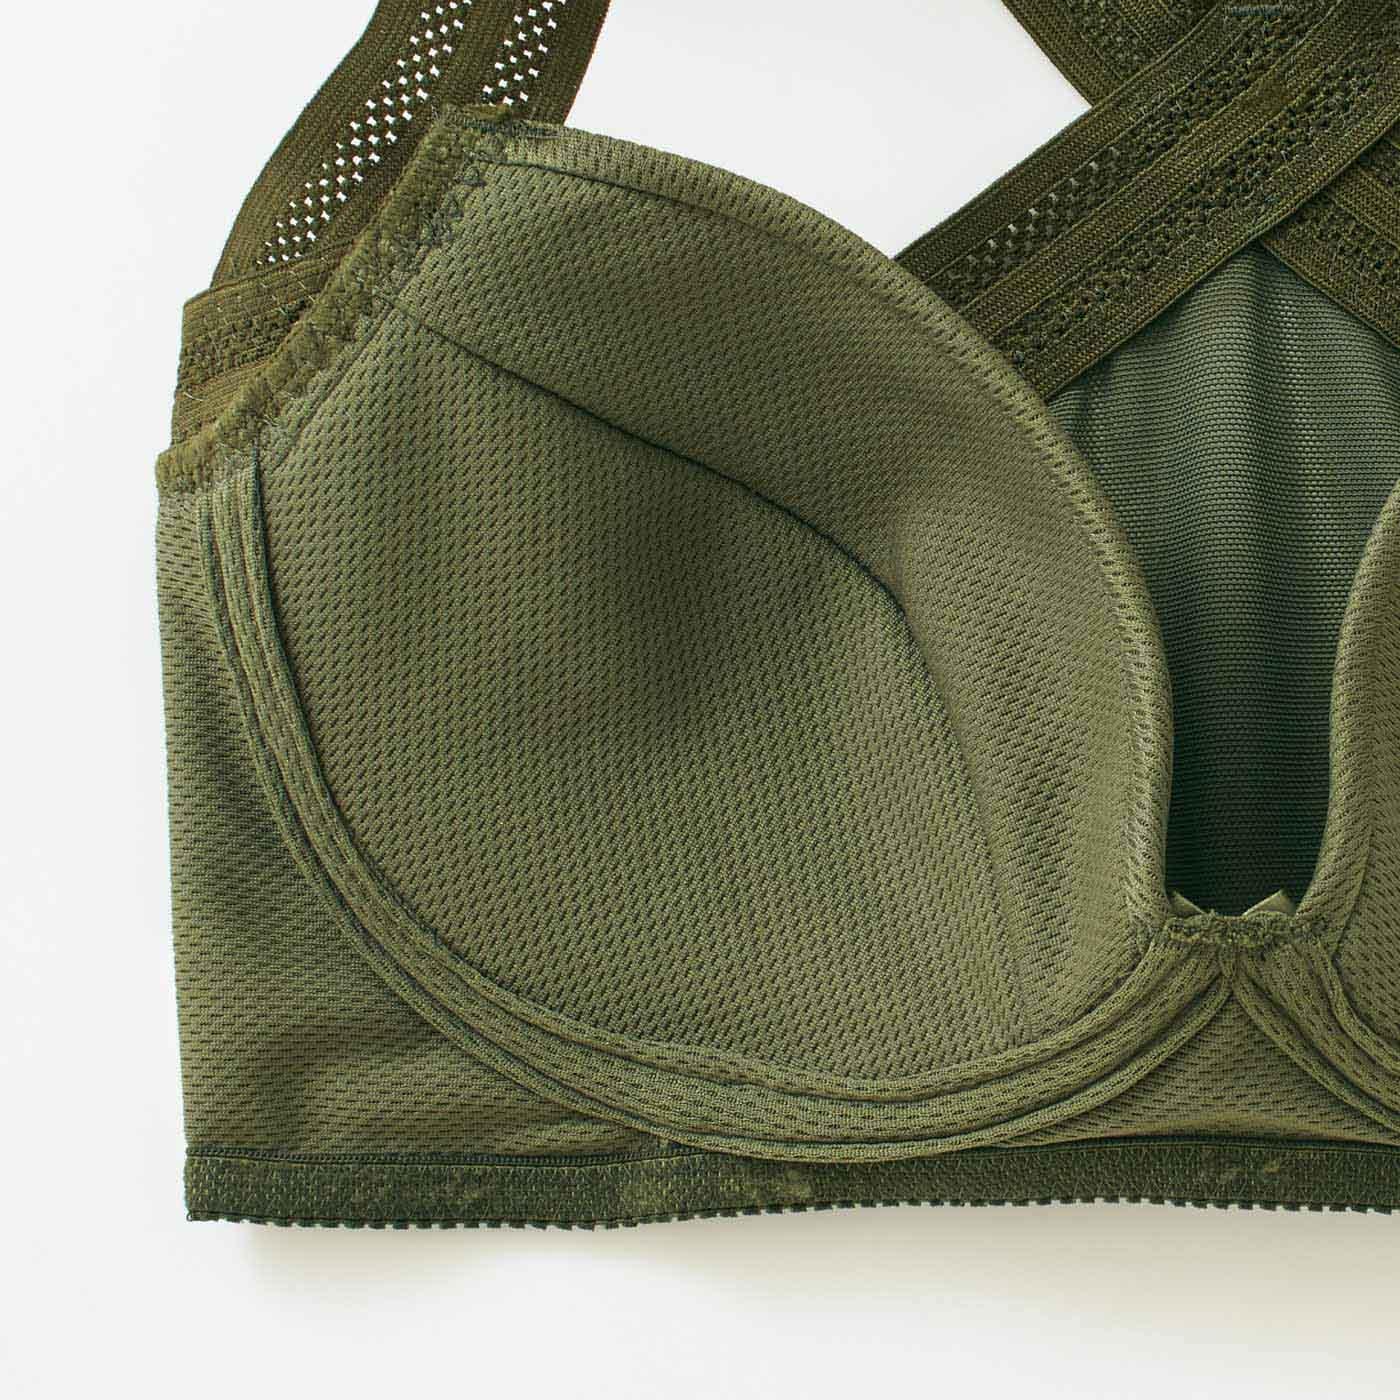 汗のたまりやすいアンダーやカップ裏が吸汗速乾で快適。